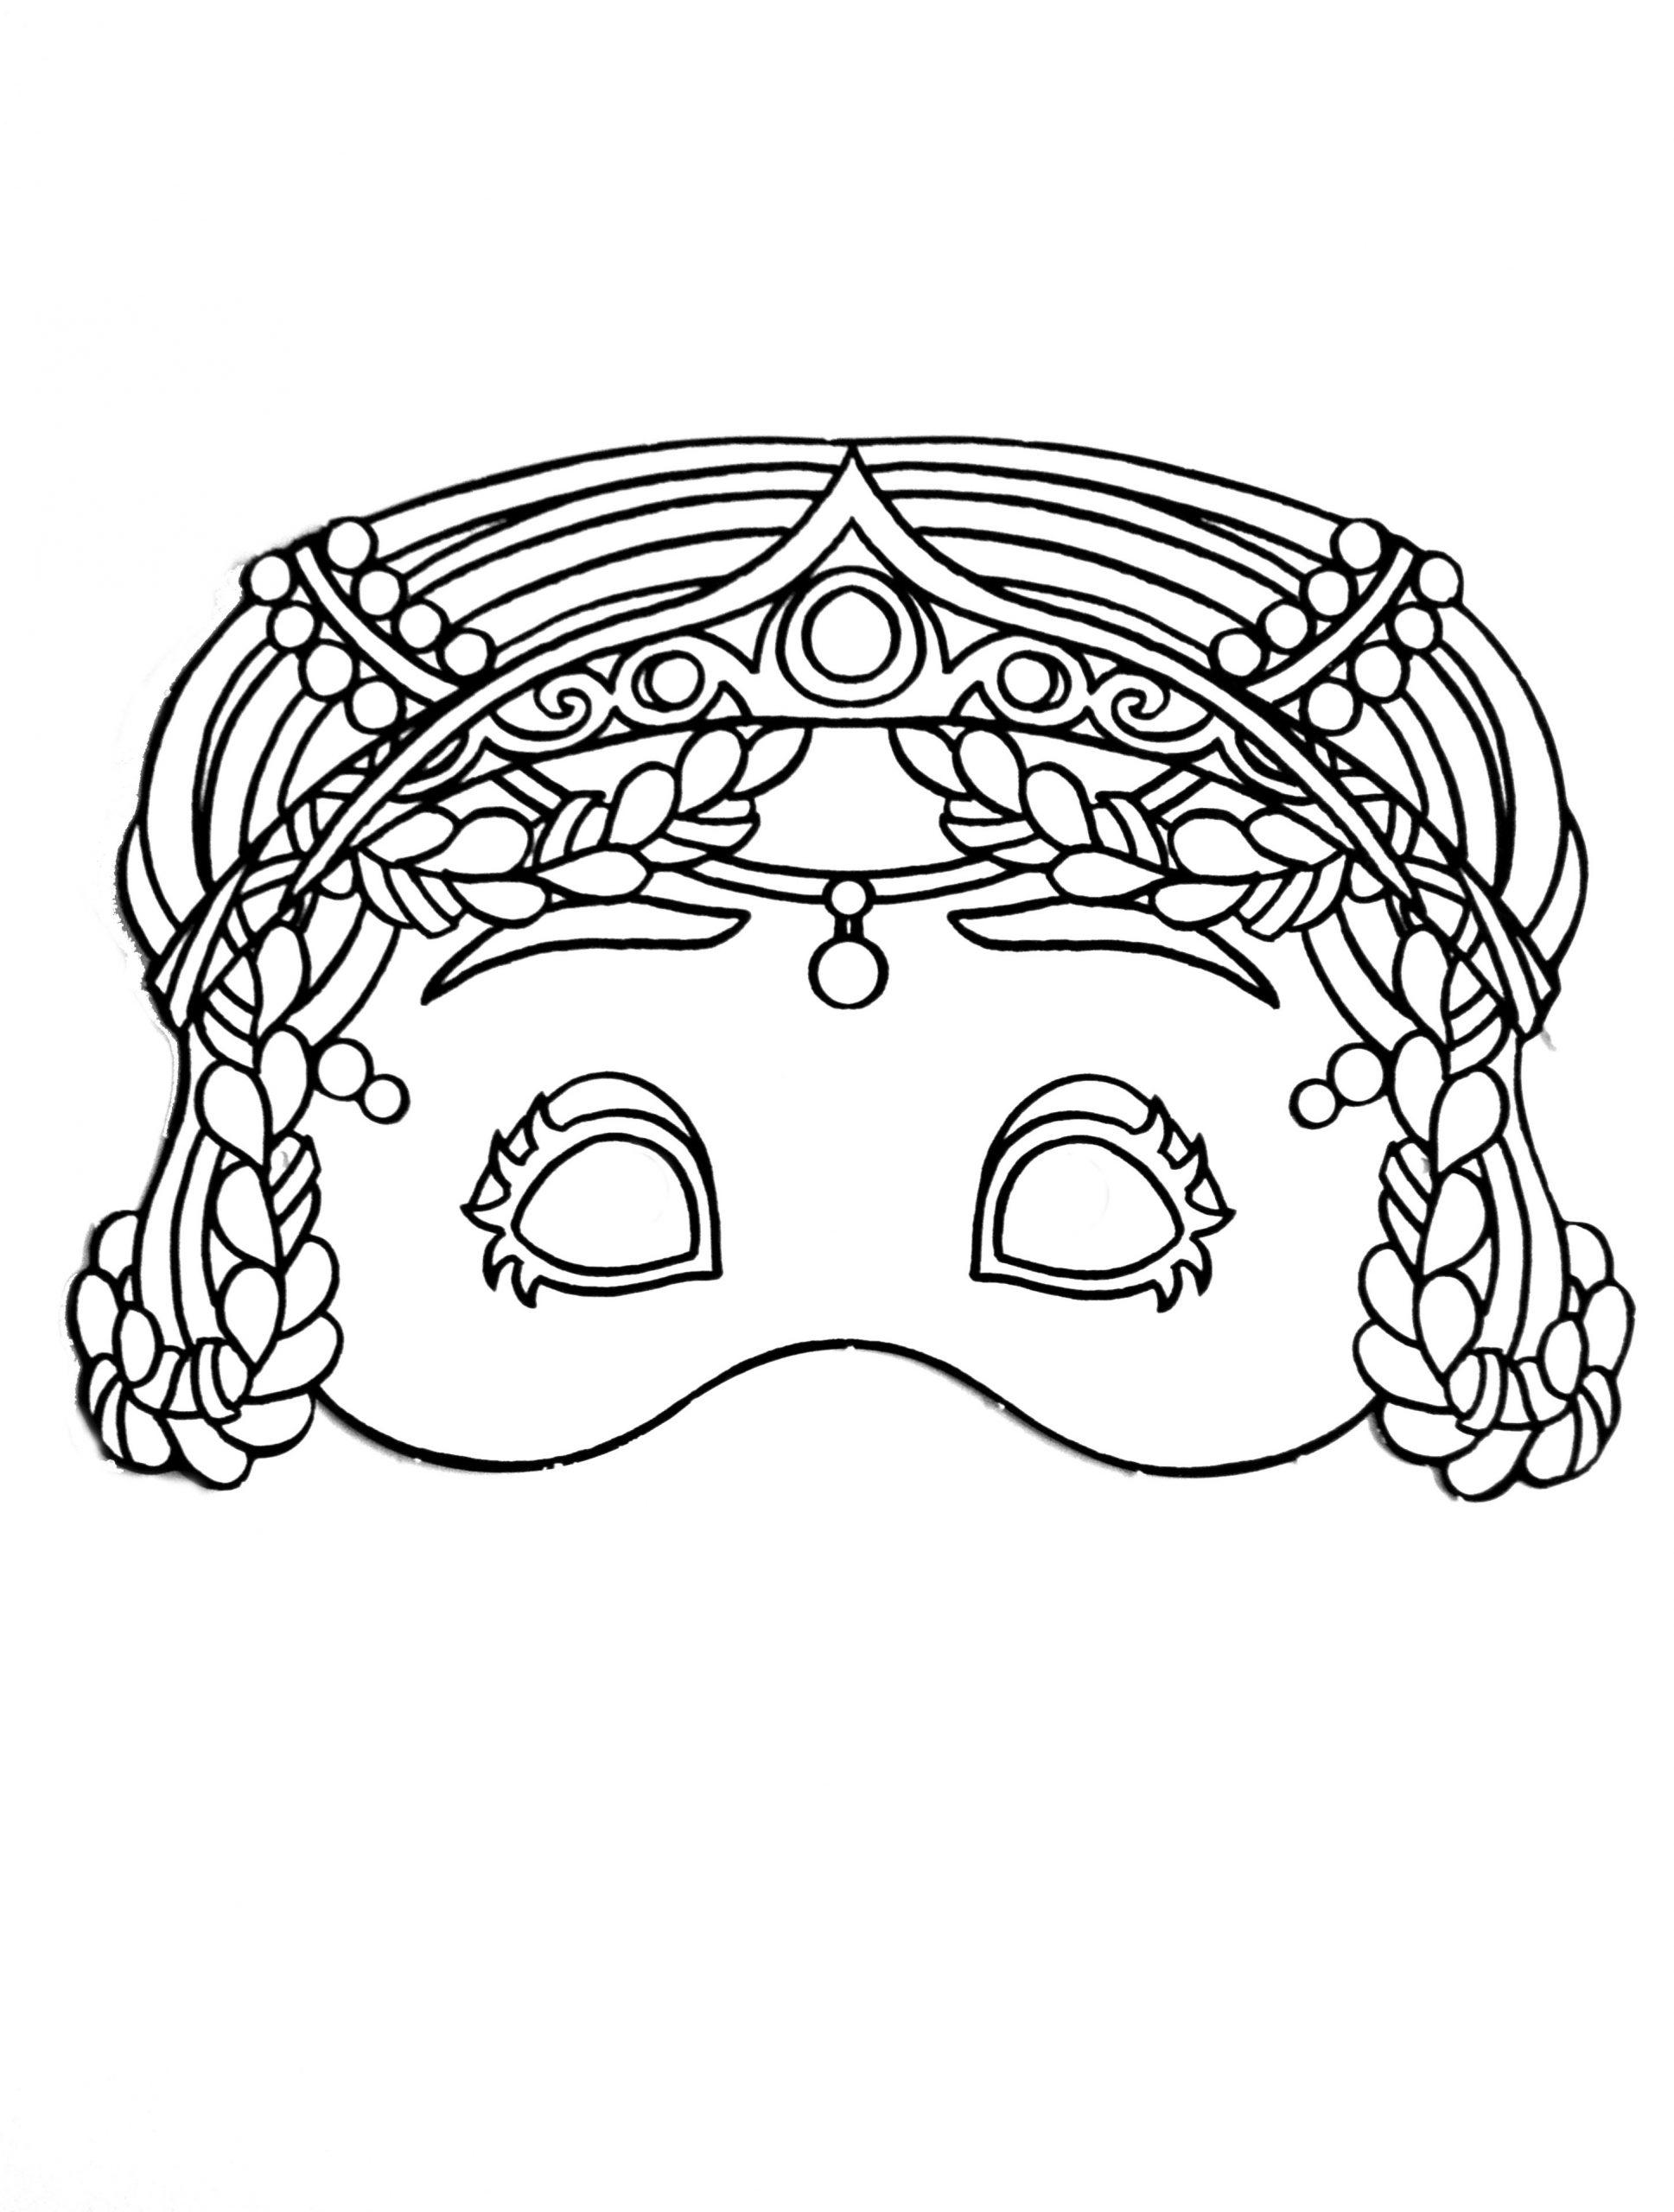 Masque De Carnaval À Colorier - Coloriage De Masques intérieur Masque Enfant A Colorier